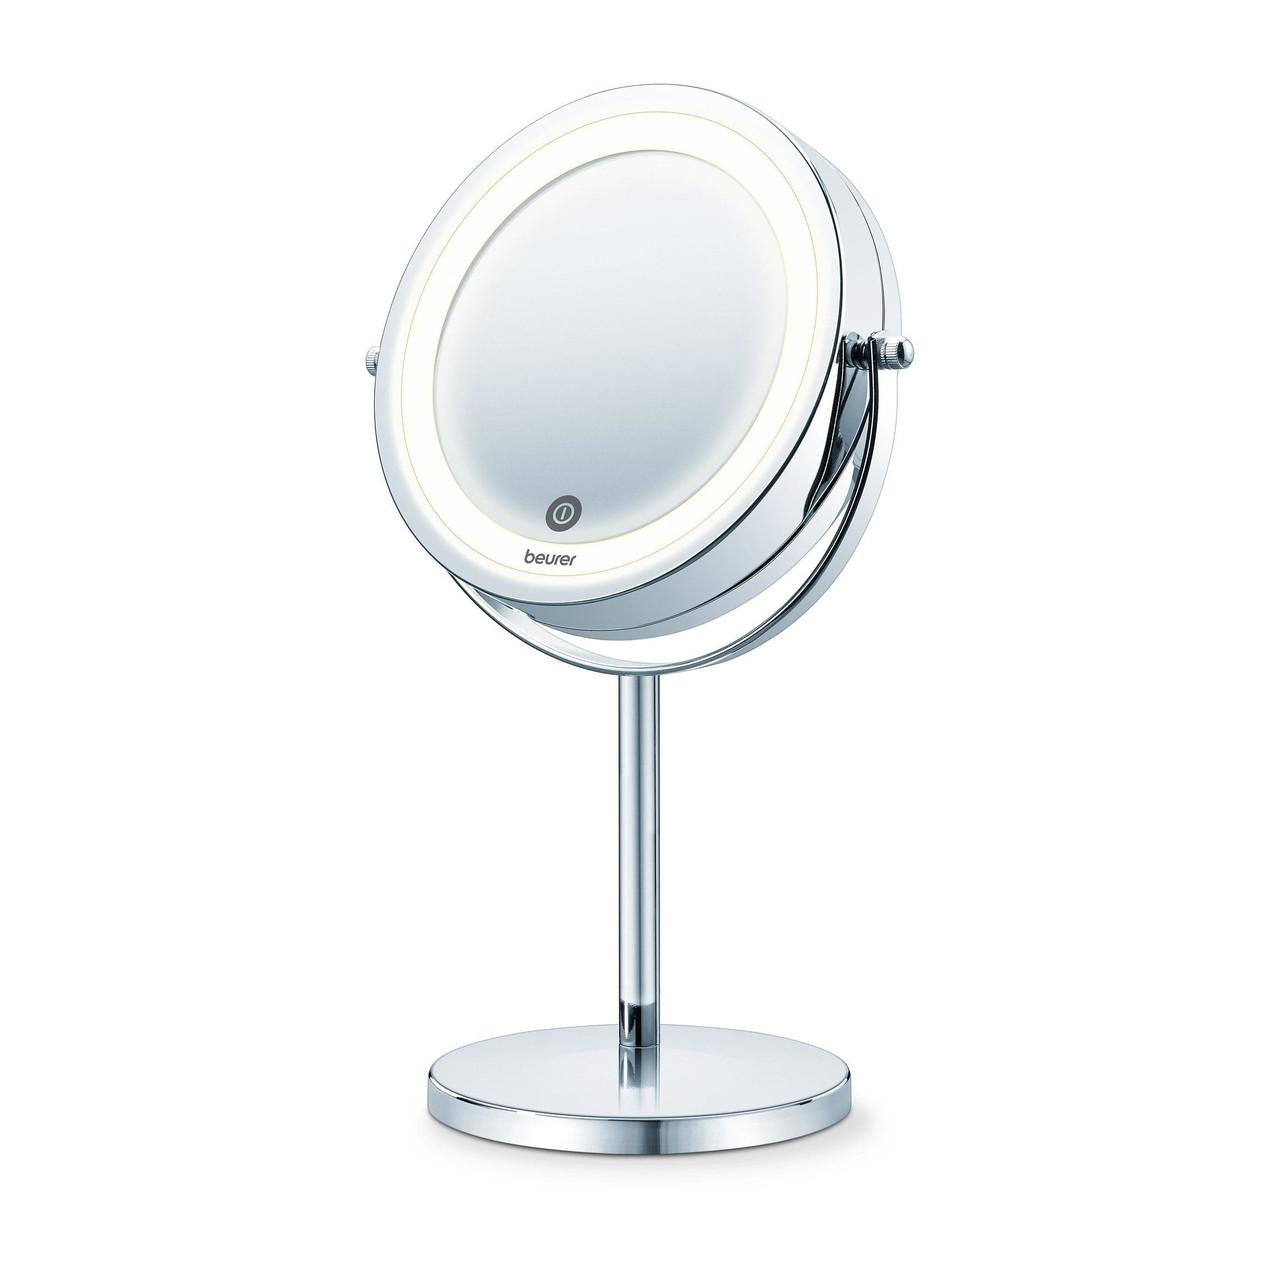 Beurer BS 55 - Косметичне дзеркало зі світлодіодним підсвічуванням